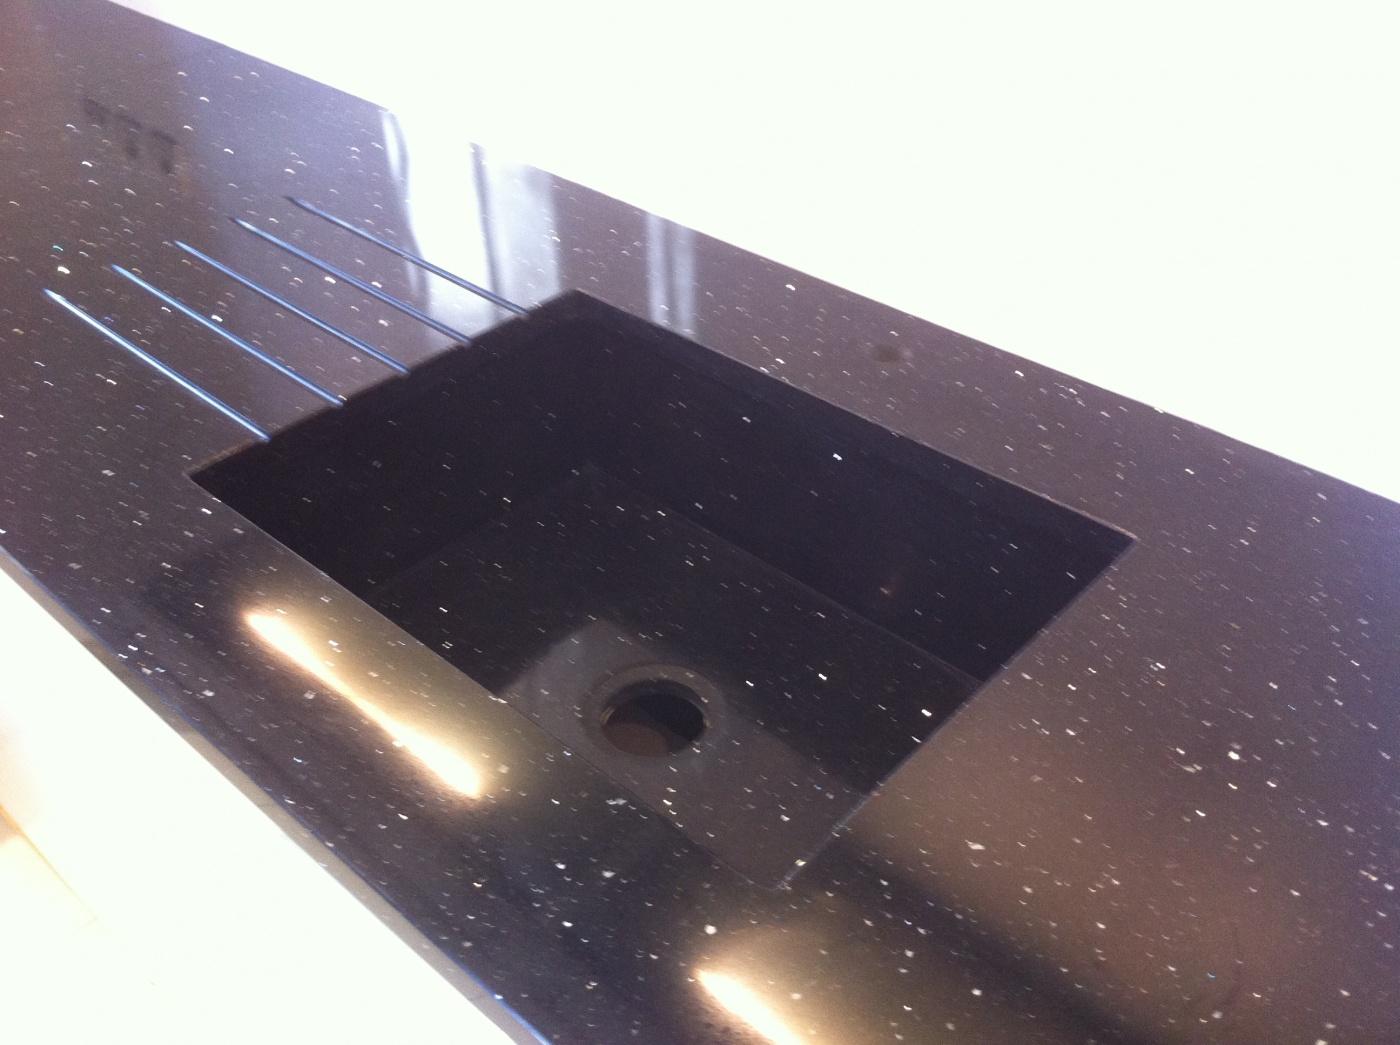 Pierre calcaire Plan de travail avec vasque intégrée et rainuarage égouttoir en Quartz Negro Luciente (noir à paillette) Projet réalisé à Six Fours Les Plages (83)